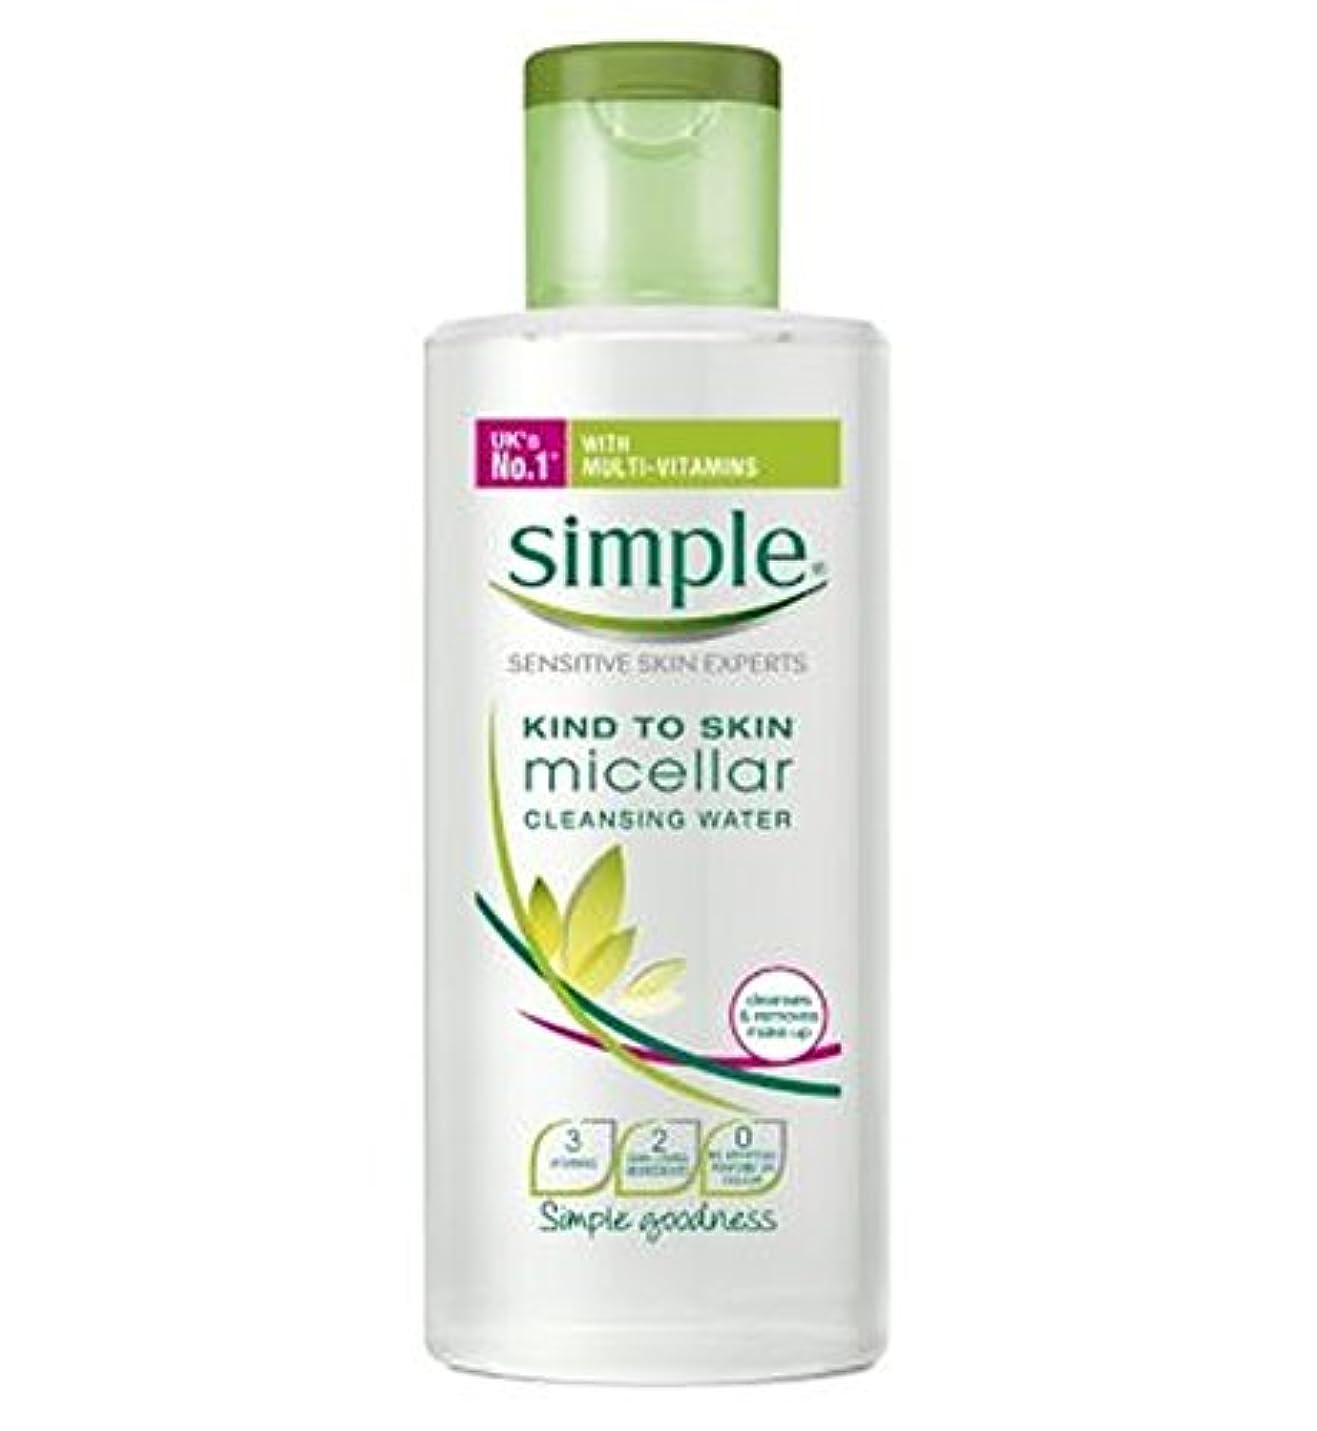 壁紙あからさまタオル皮膚ミセル洗浄水200ミリリットルに簡単な種類 (Simple) (x2) - Simple Kind To Skin Micellar Cleansing Water 200ml (Pack of 2) [並行輸入品]